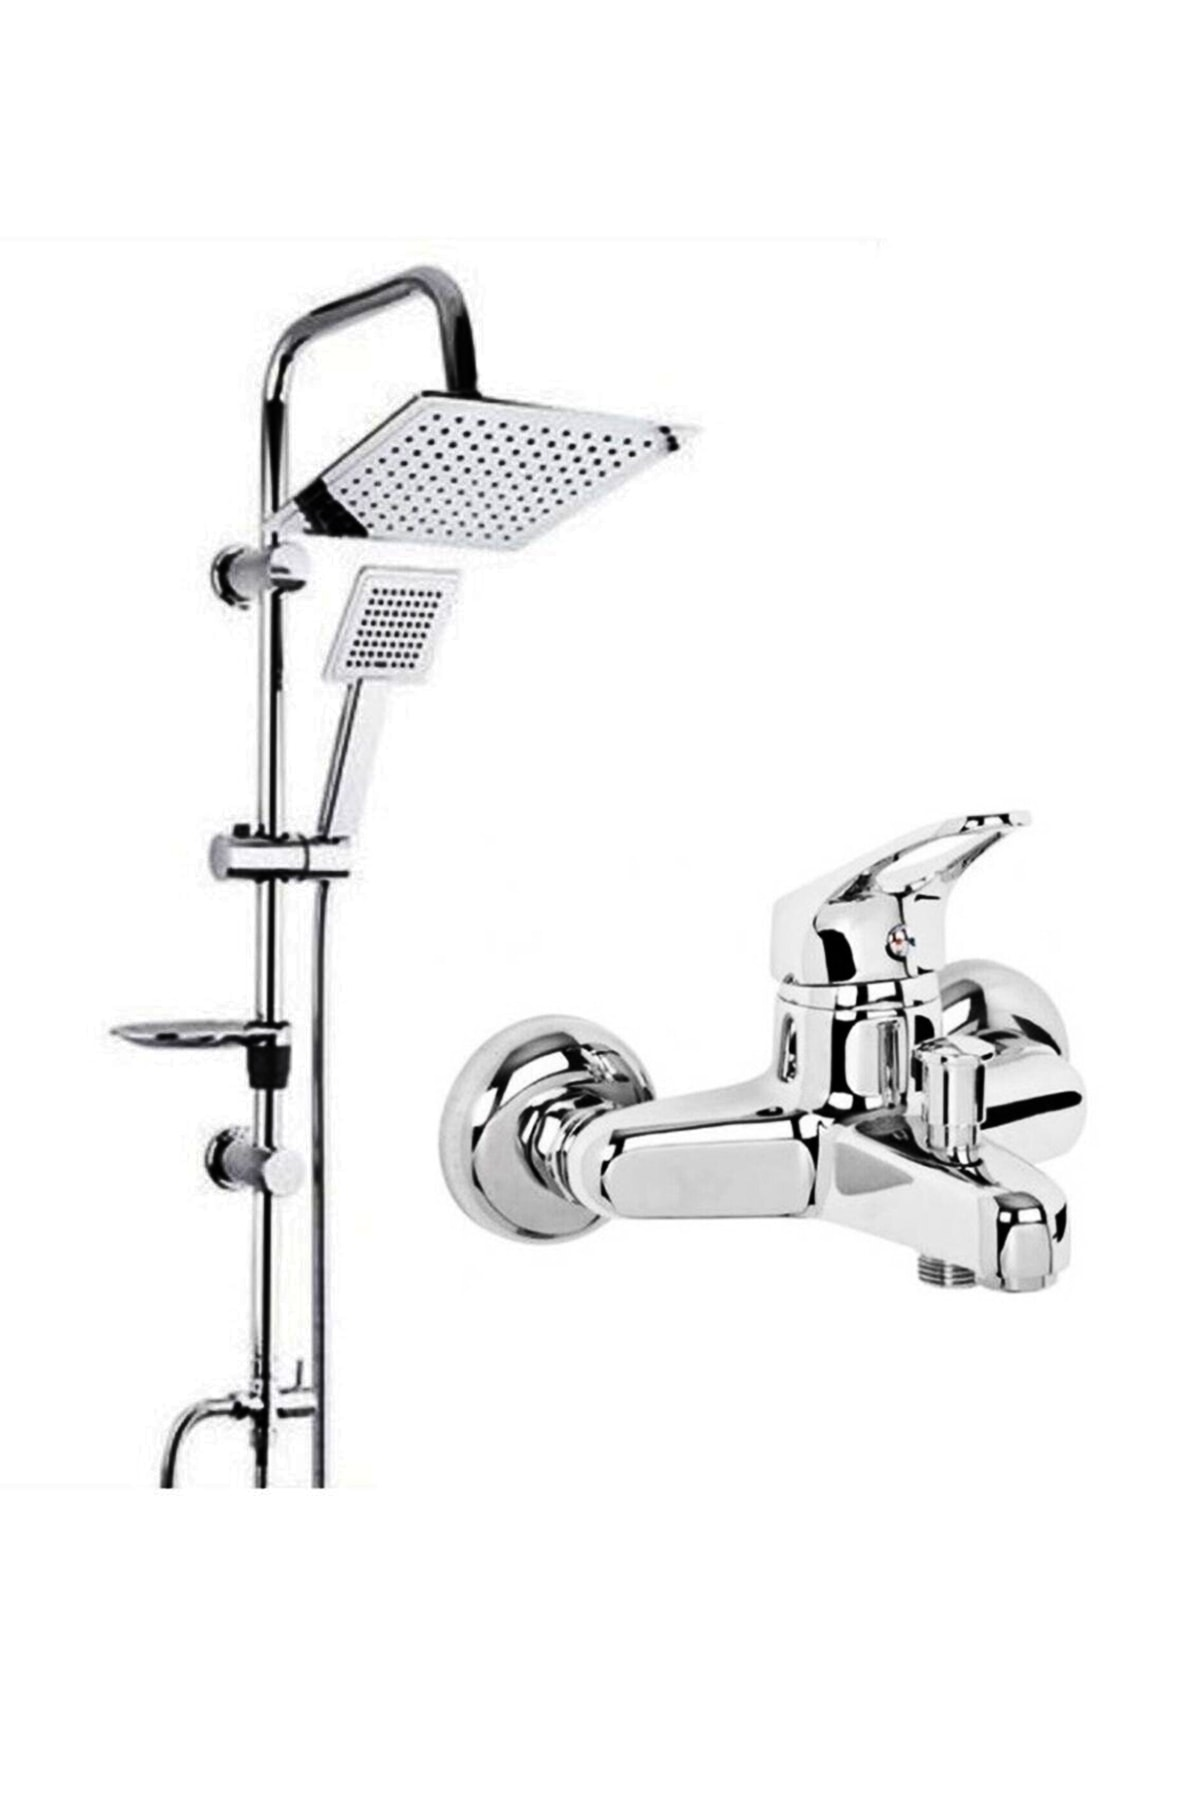 Beyazsu Dubai Duş Seti, Krom Batarya Tepe Yağmurlama Duş Seti Robot 1